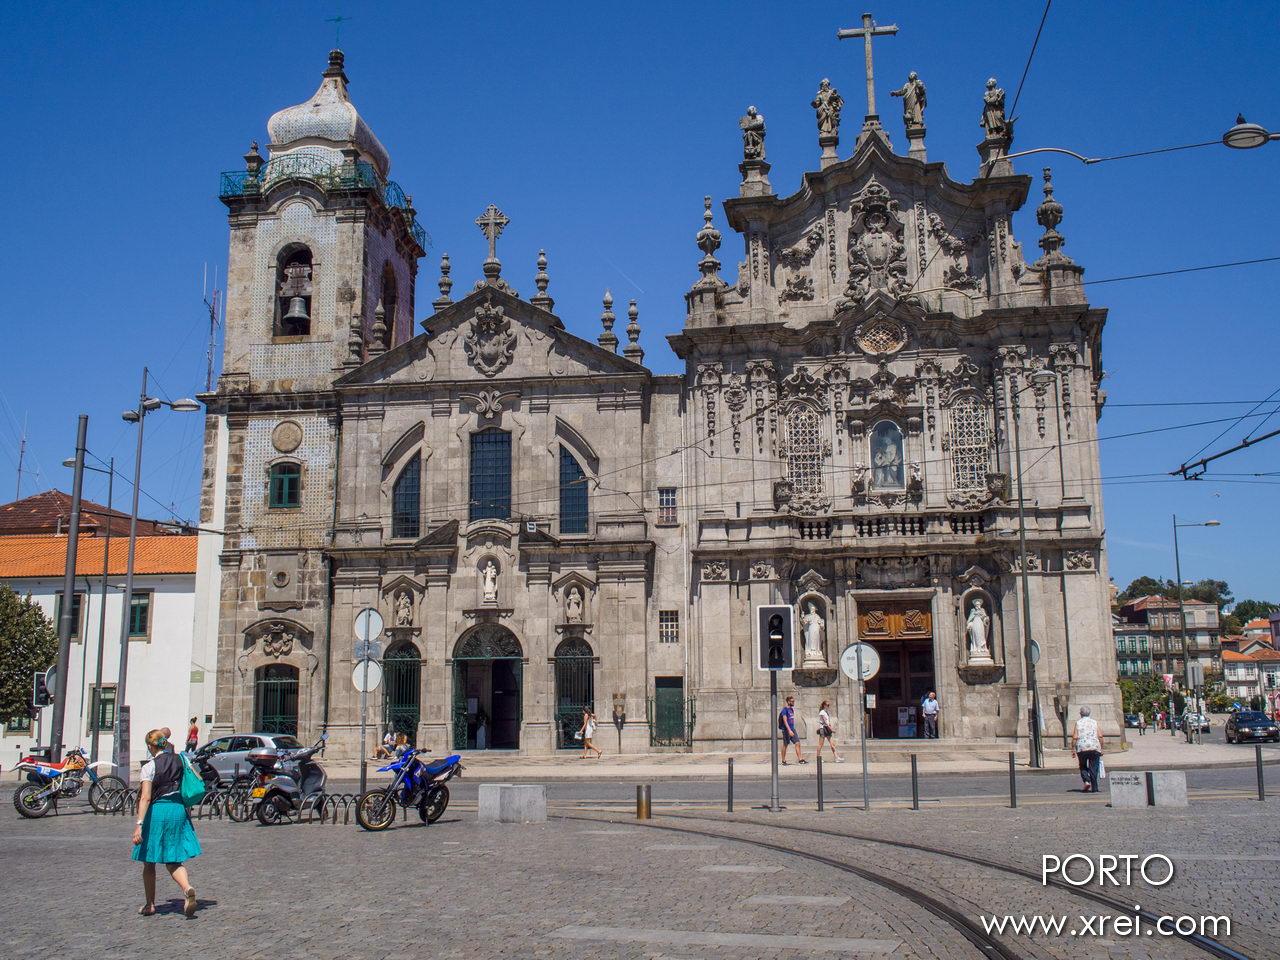 Igreja do Carmo a la derecha, la iglesia de los Carmelitas desnudos a la izquierda y Casa Escondida, considerada la casa más estrecha de Oporto, ubicada entre las dos iglesias, la podemos identificar por la puerta de entrada y la barandilla verde, y las dos ventanas en la fachada